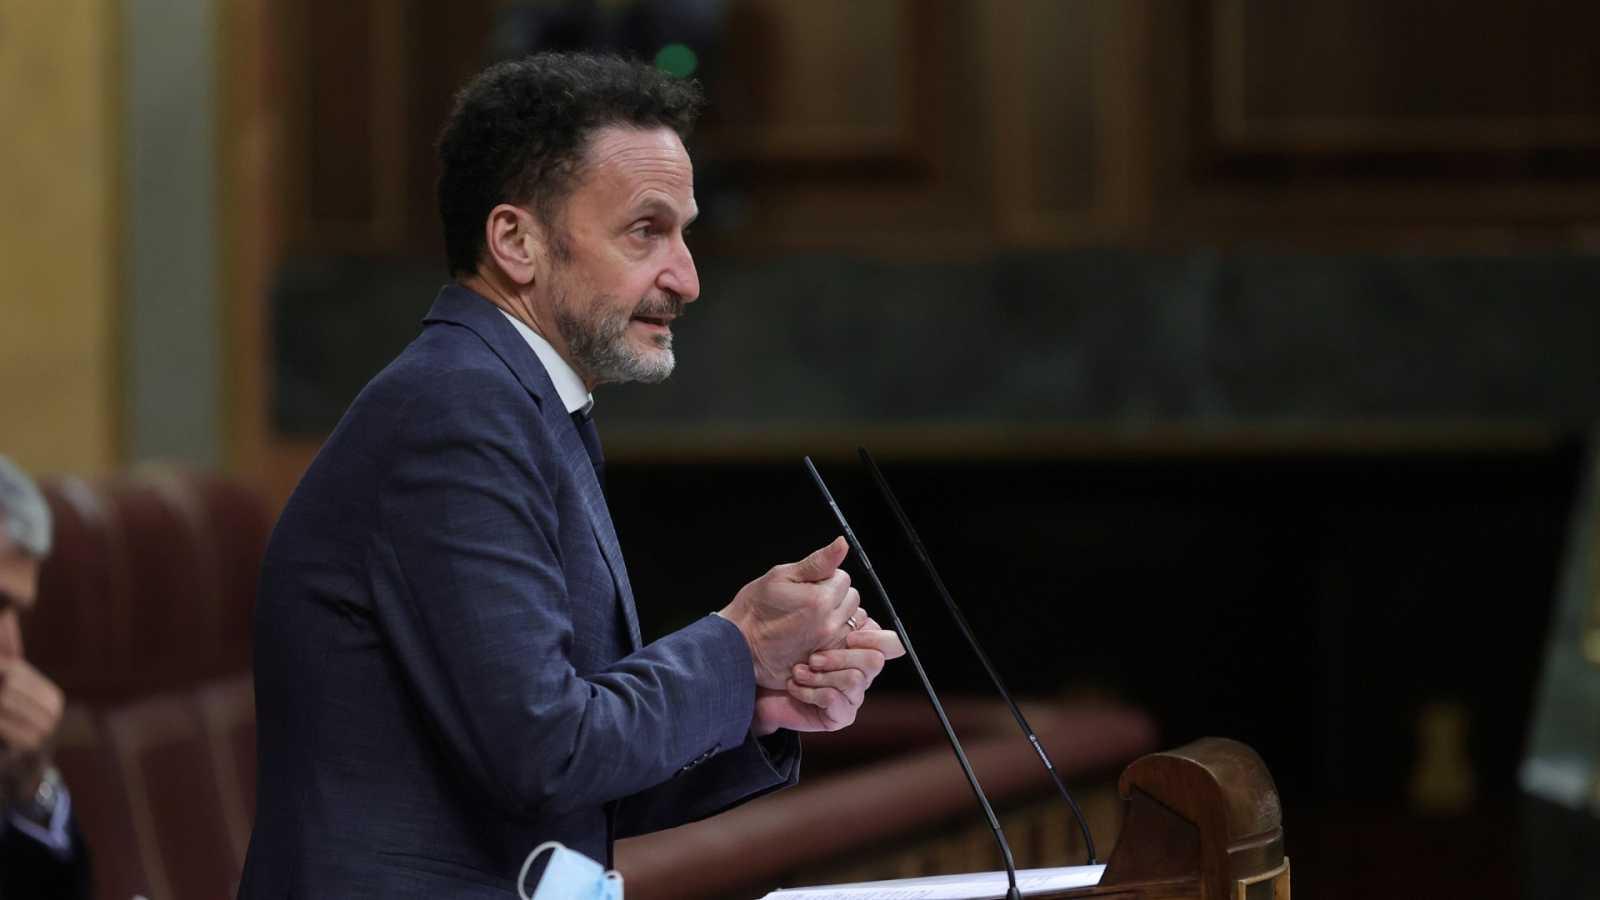 El Gobierno pacta con Ciudadanos las conclusiones de la comisión de reconstrucción y sigue negociando con el PP